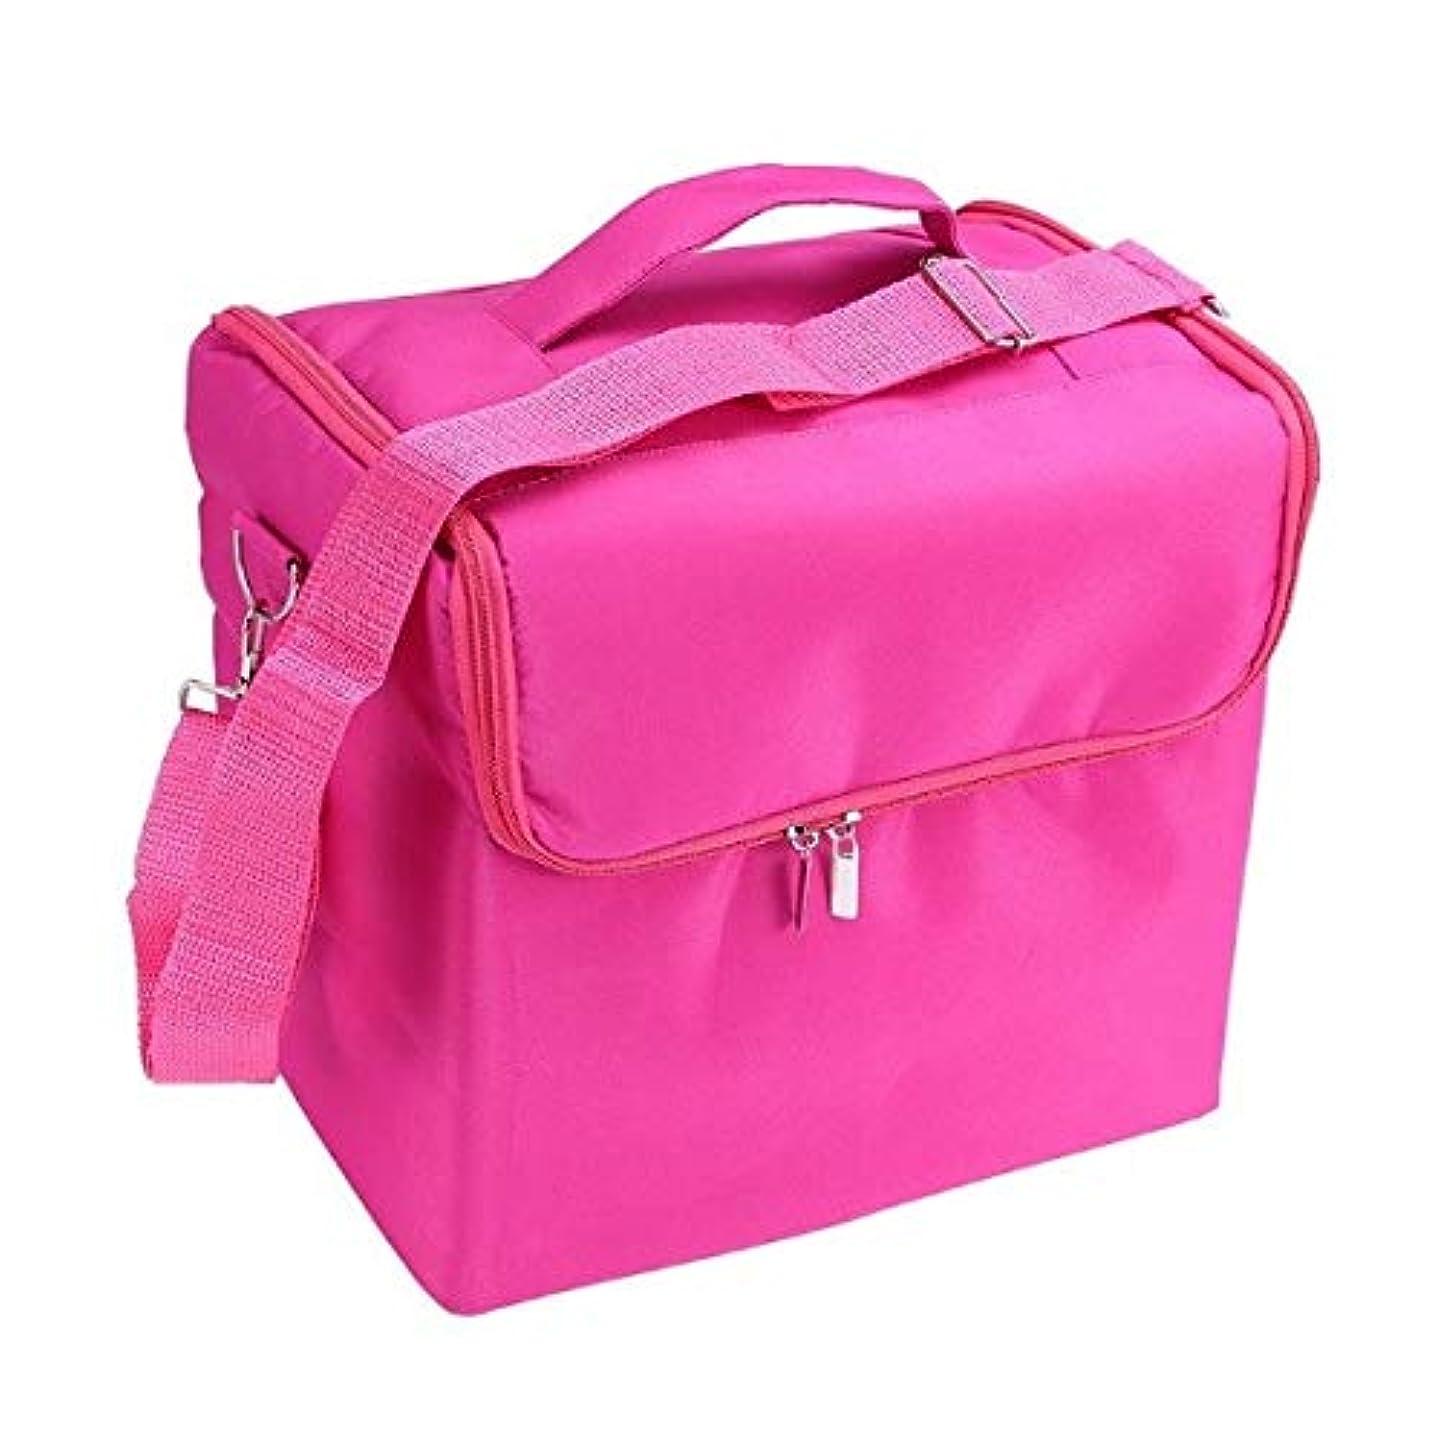 ショルダーセットする食欲化粧品ケース、ローズレッド多層化粧品バッグ、ポータブル旅行多機能化粧品ケース、美容ネイルジュエリー収納ボックス